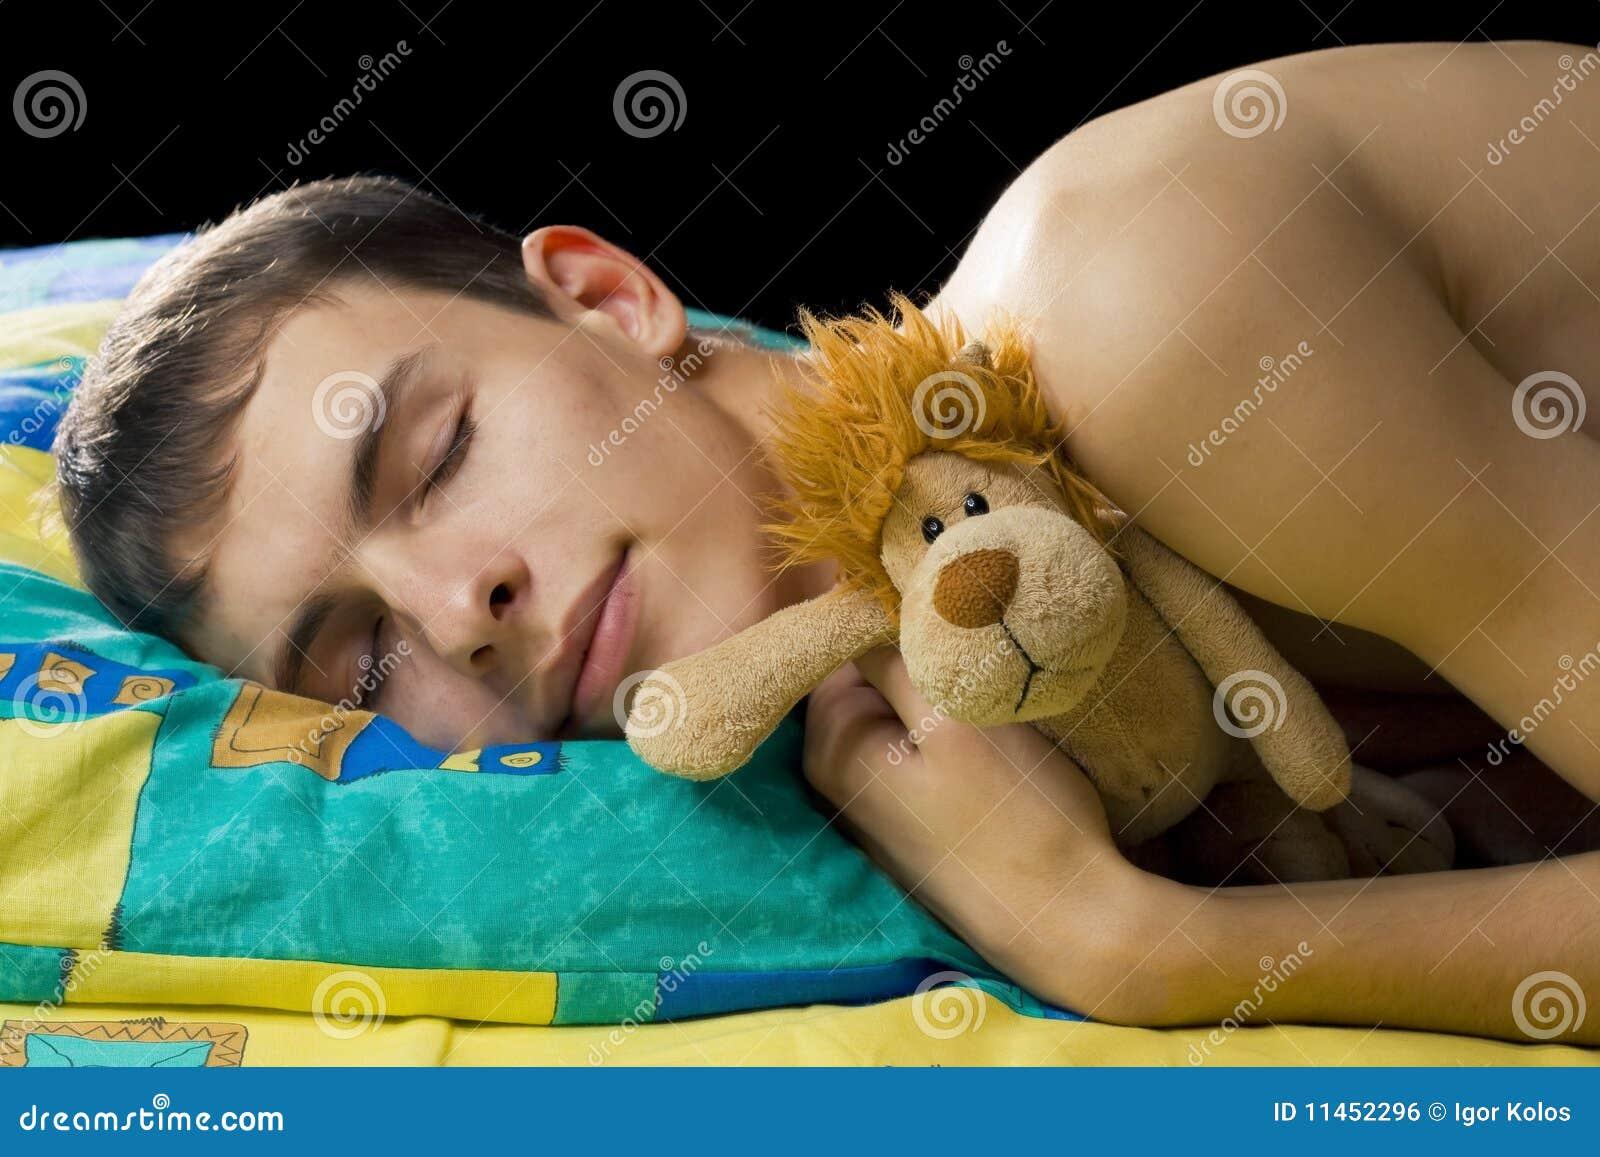 I Fucked A Sleeping Guy 7